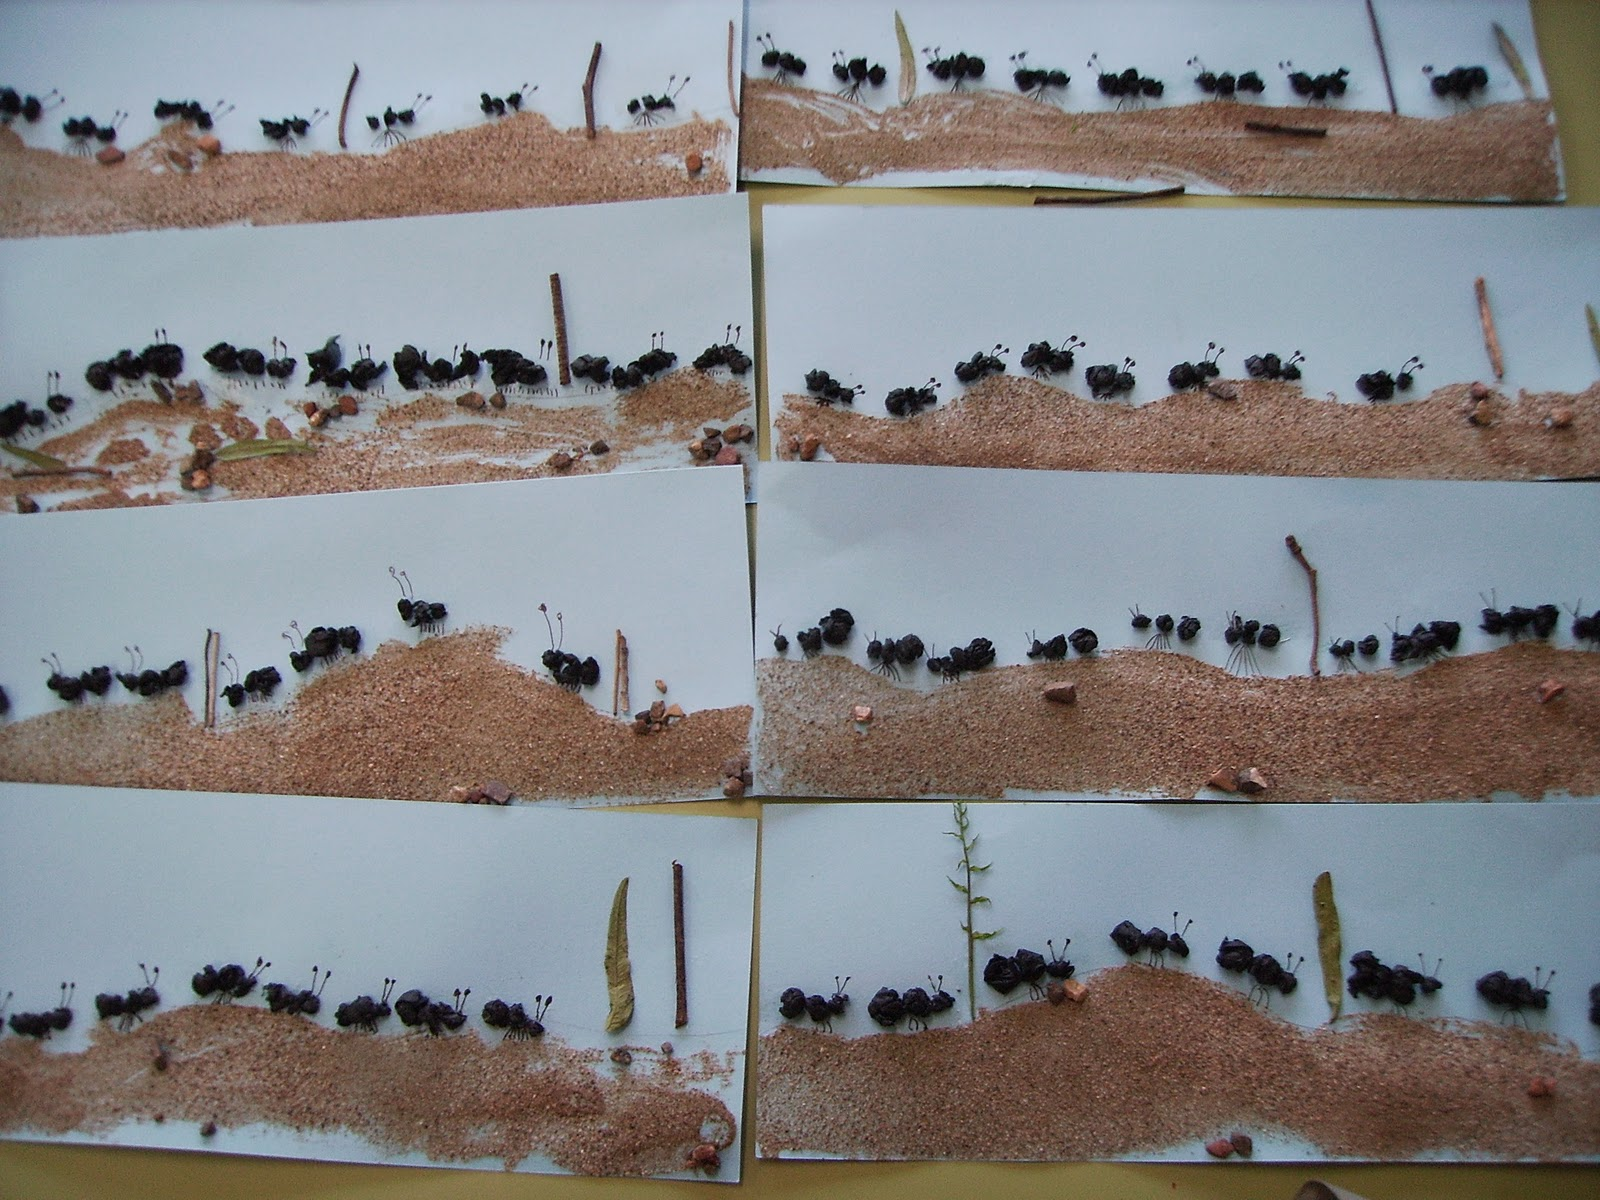 les formigues blogspot: